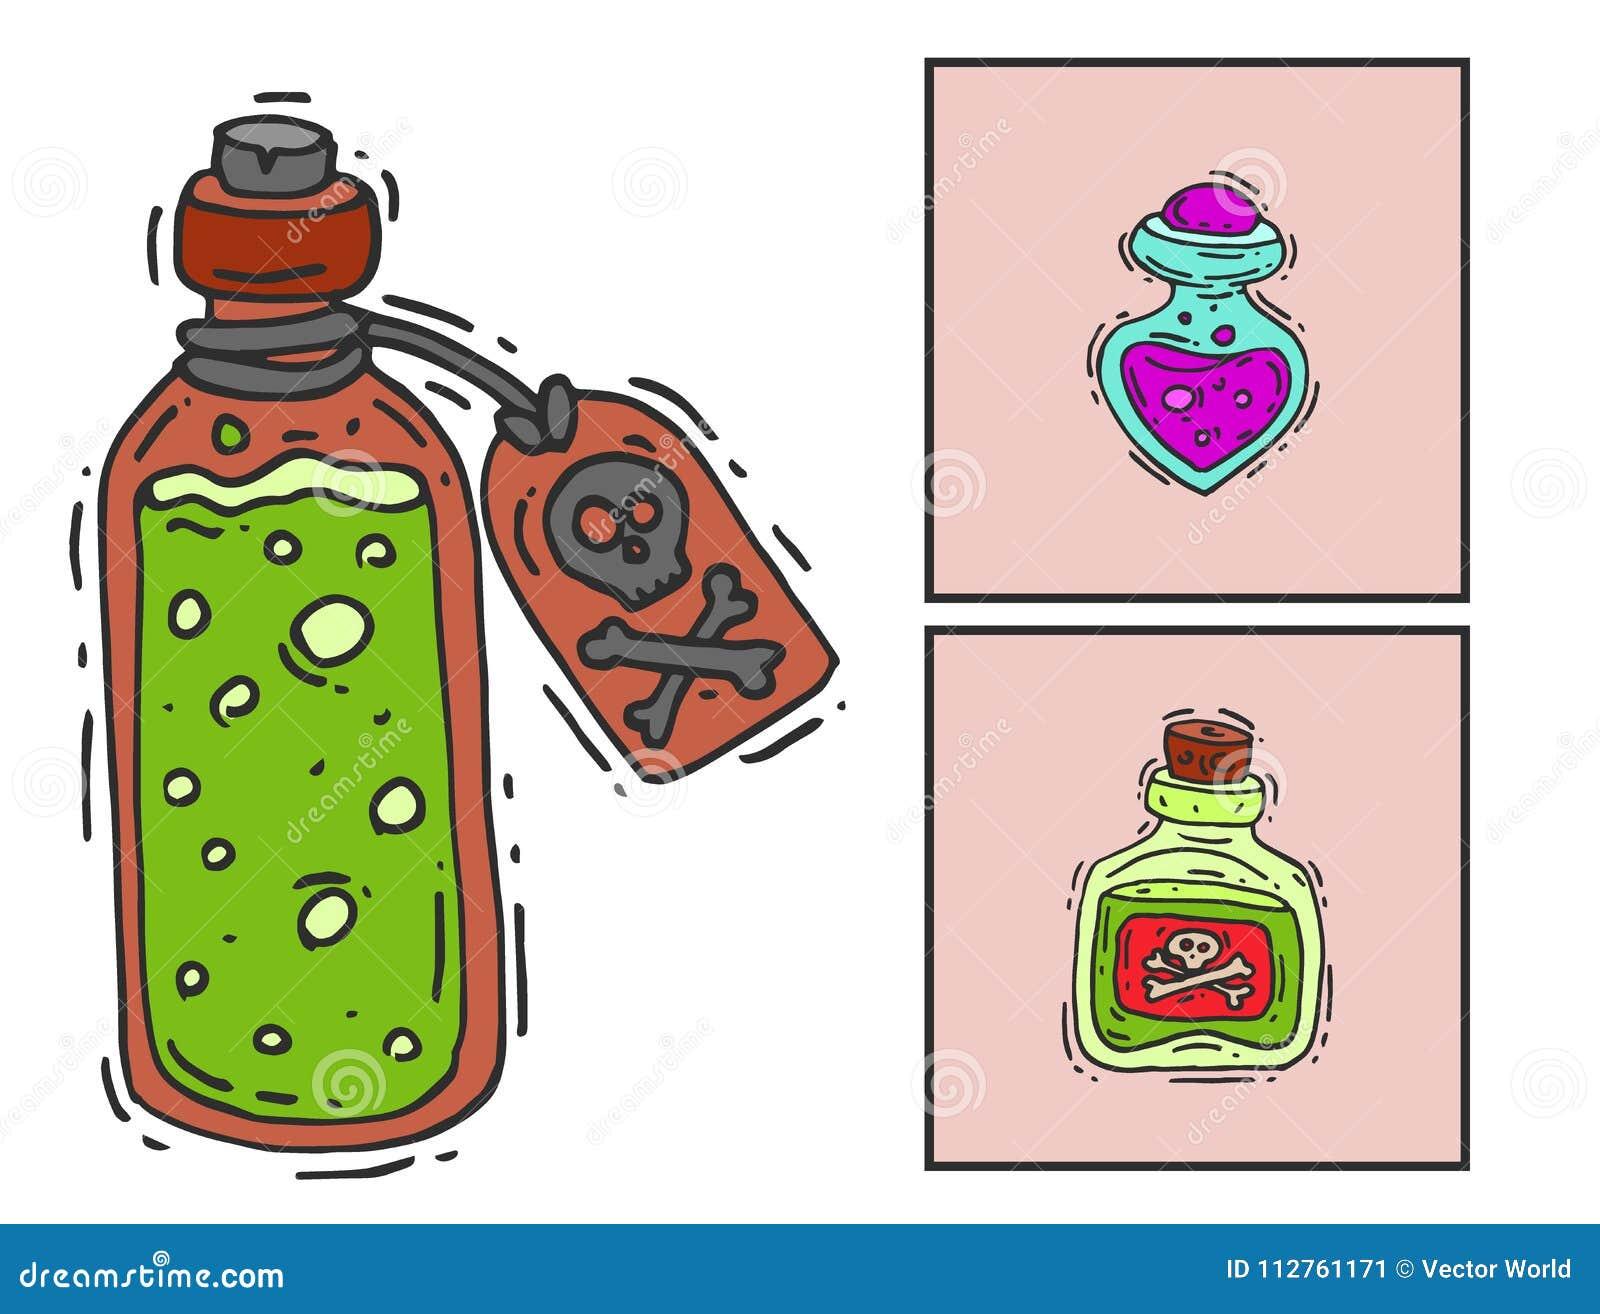 toxine vergiftiging